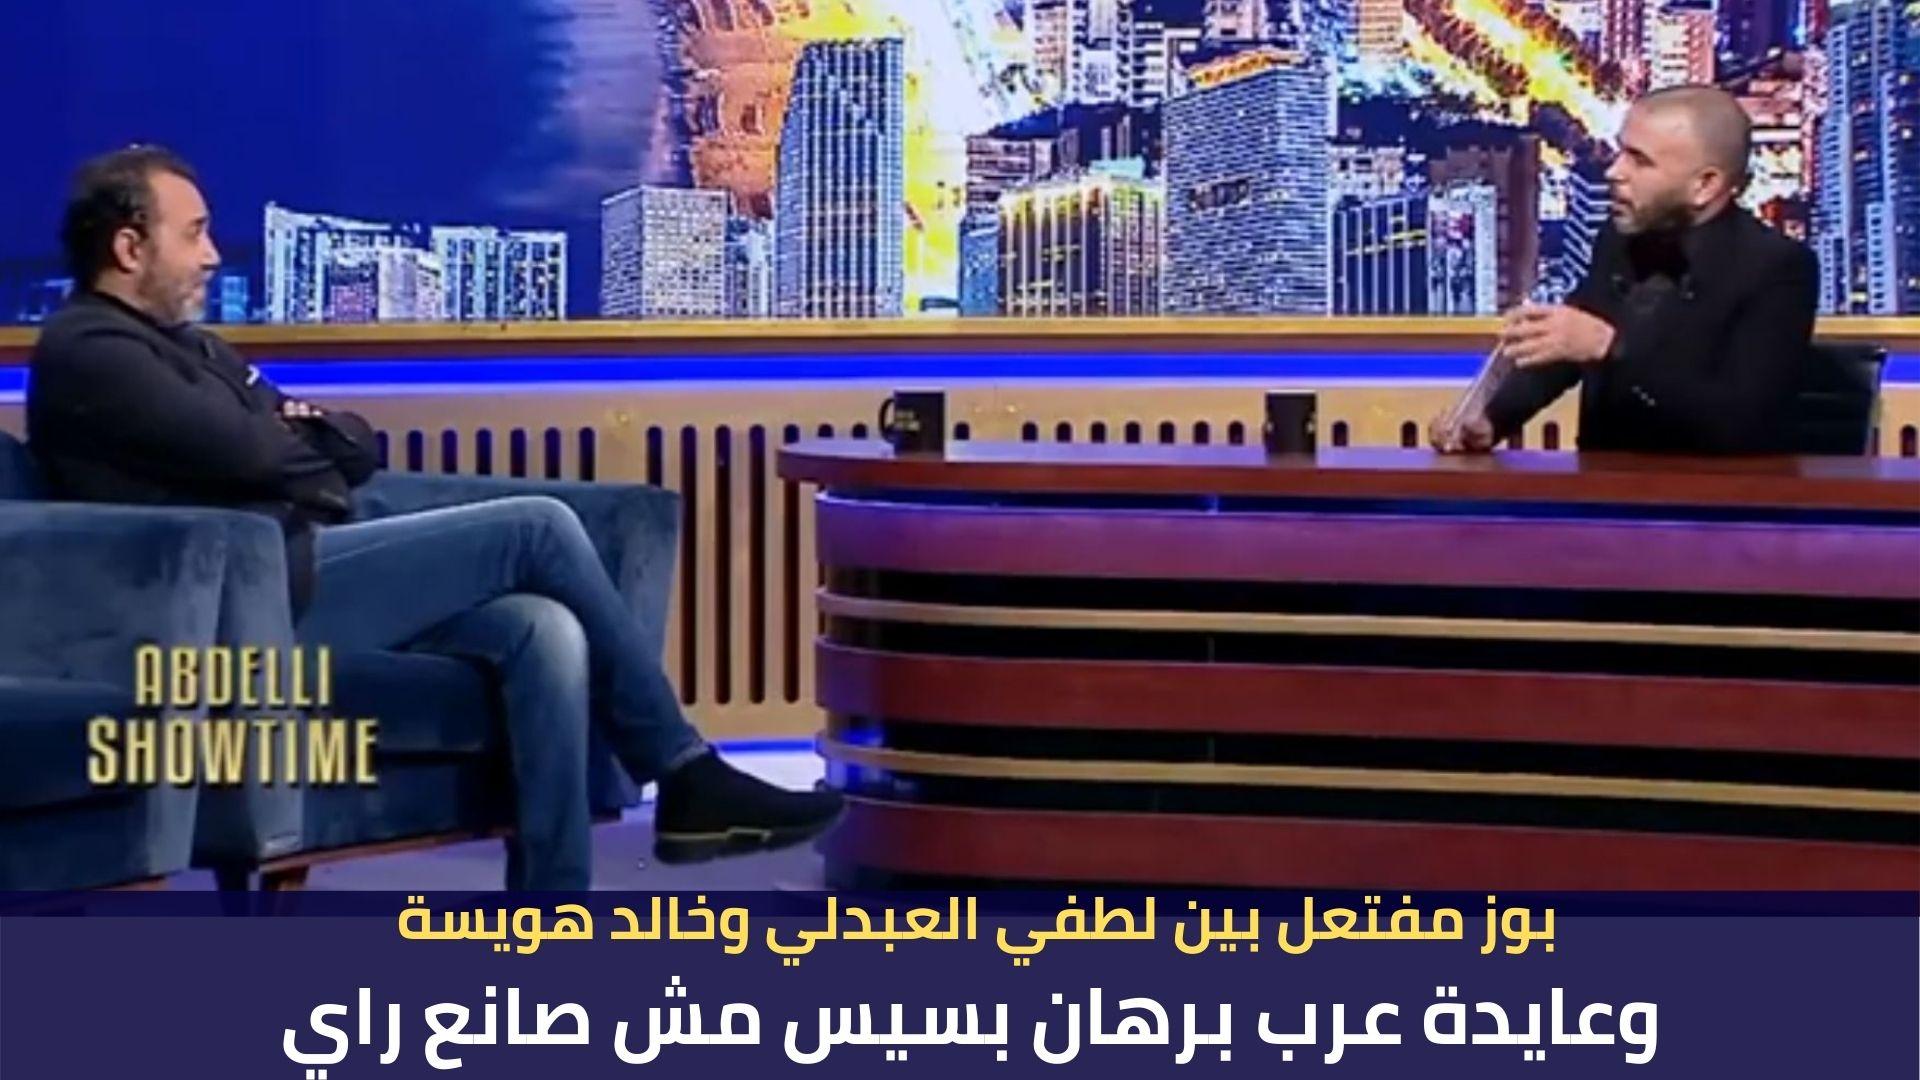 بوز مفتعل بين لطفي العبدلي وخالد هويسة وعايدة عرب برهان بسيس مش صانع راي